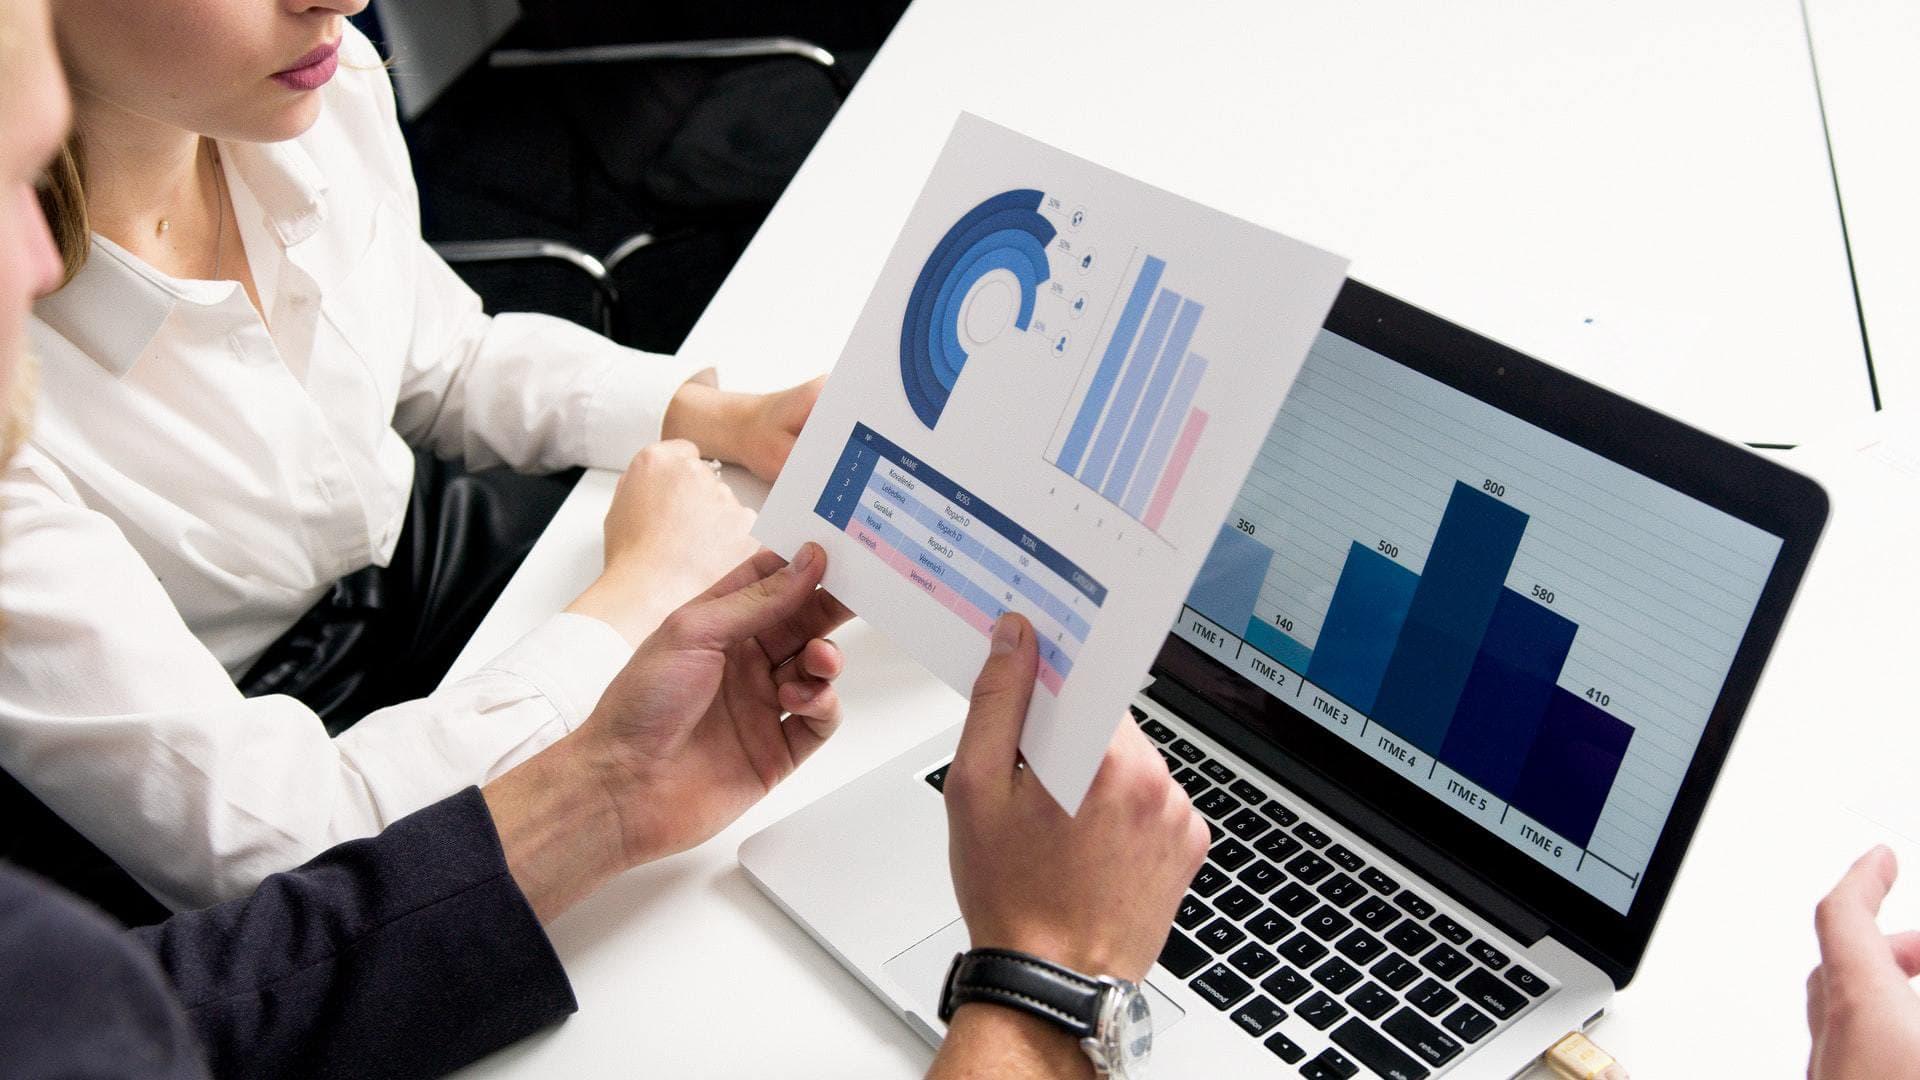 Man and woman looking at charts